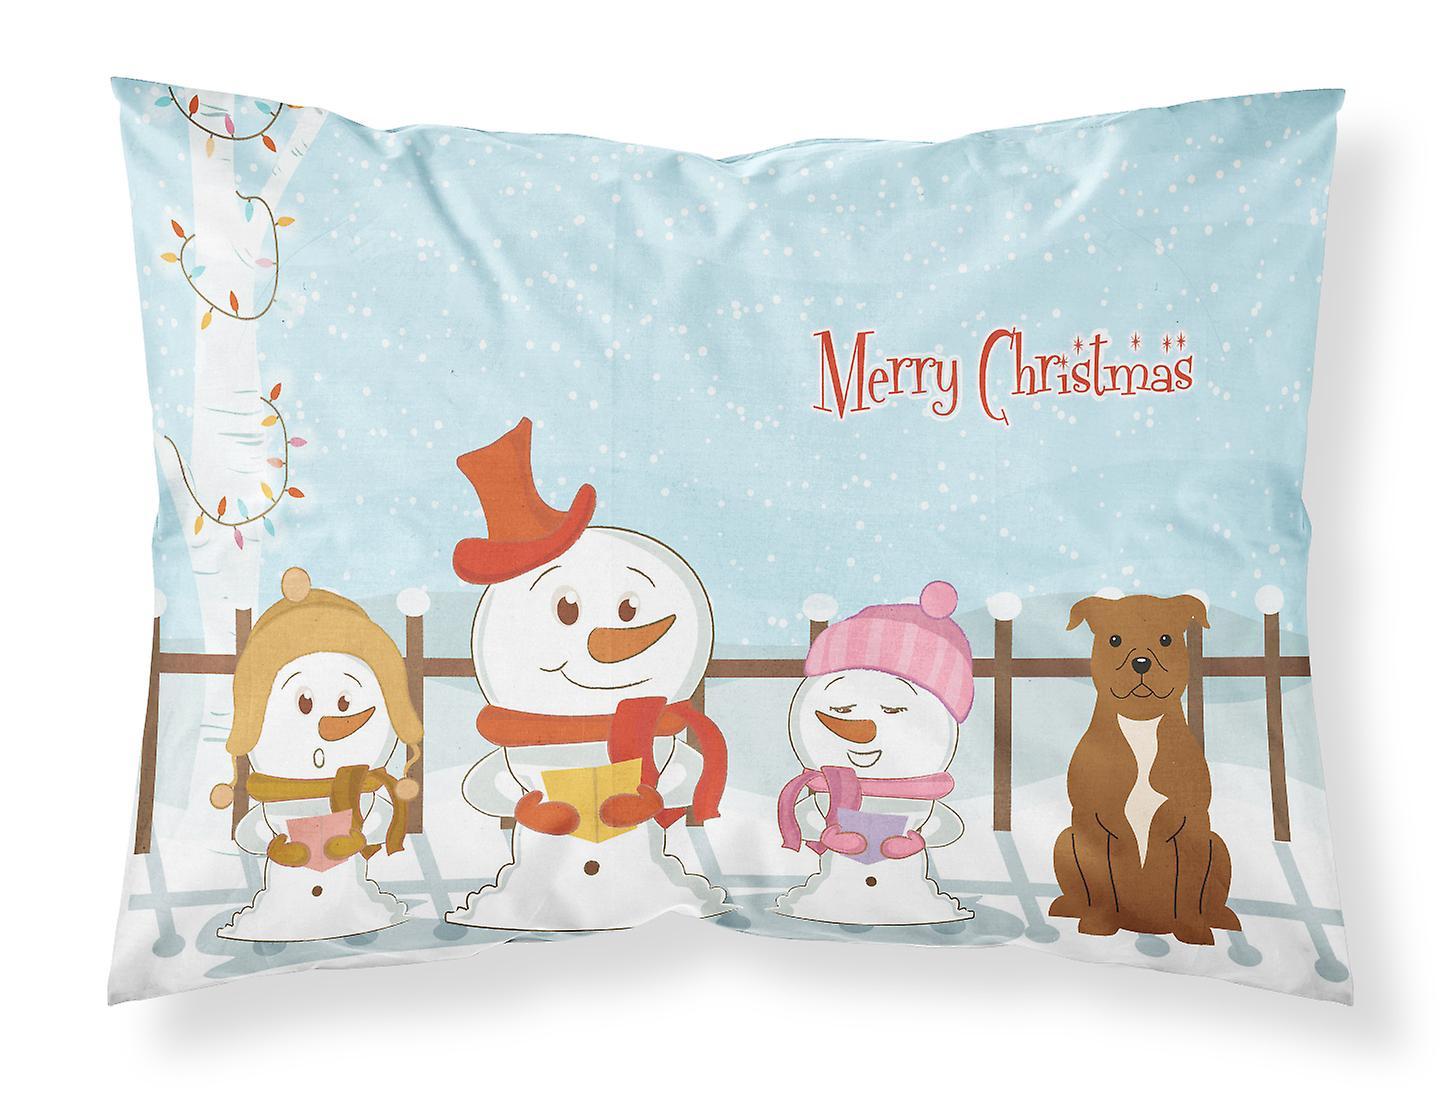 Tissu Noël Oreiller Bull Staffordshire Standard Marron Chanteurs Joyeux Terrier pSUzMVqG